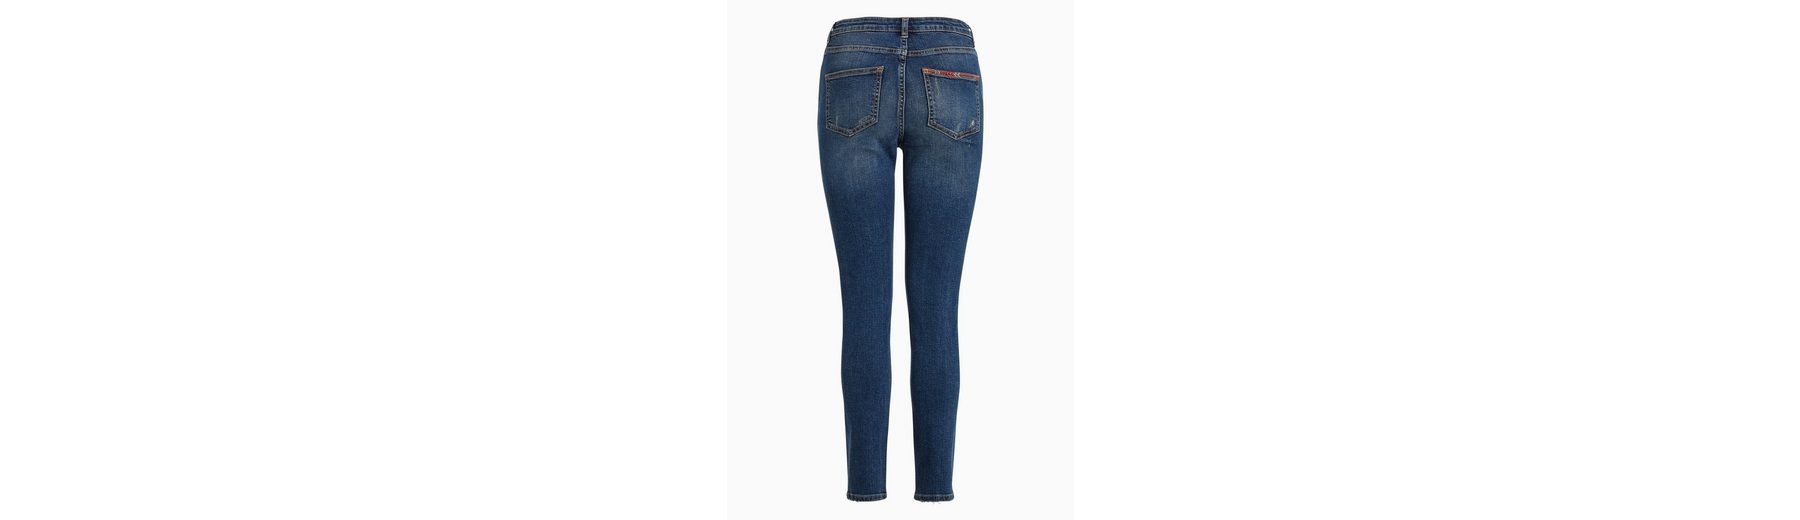 Auslass Für Schön Billig 100% Garantiert Next Skinny-Jeans mit besticktem Saum Spielraum Niedrigsten Preis 2GUsEx9